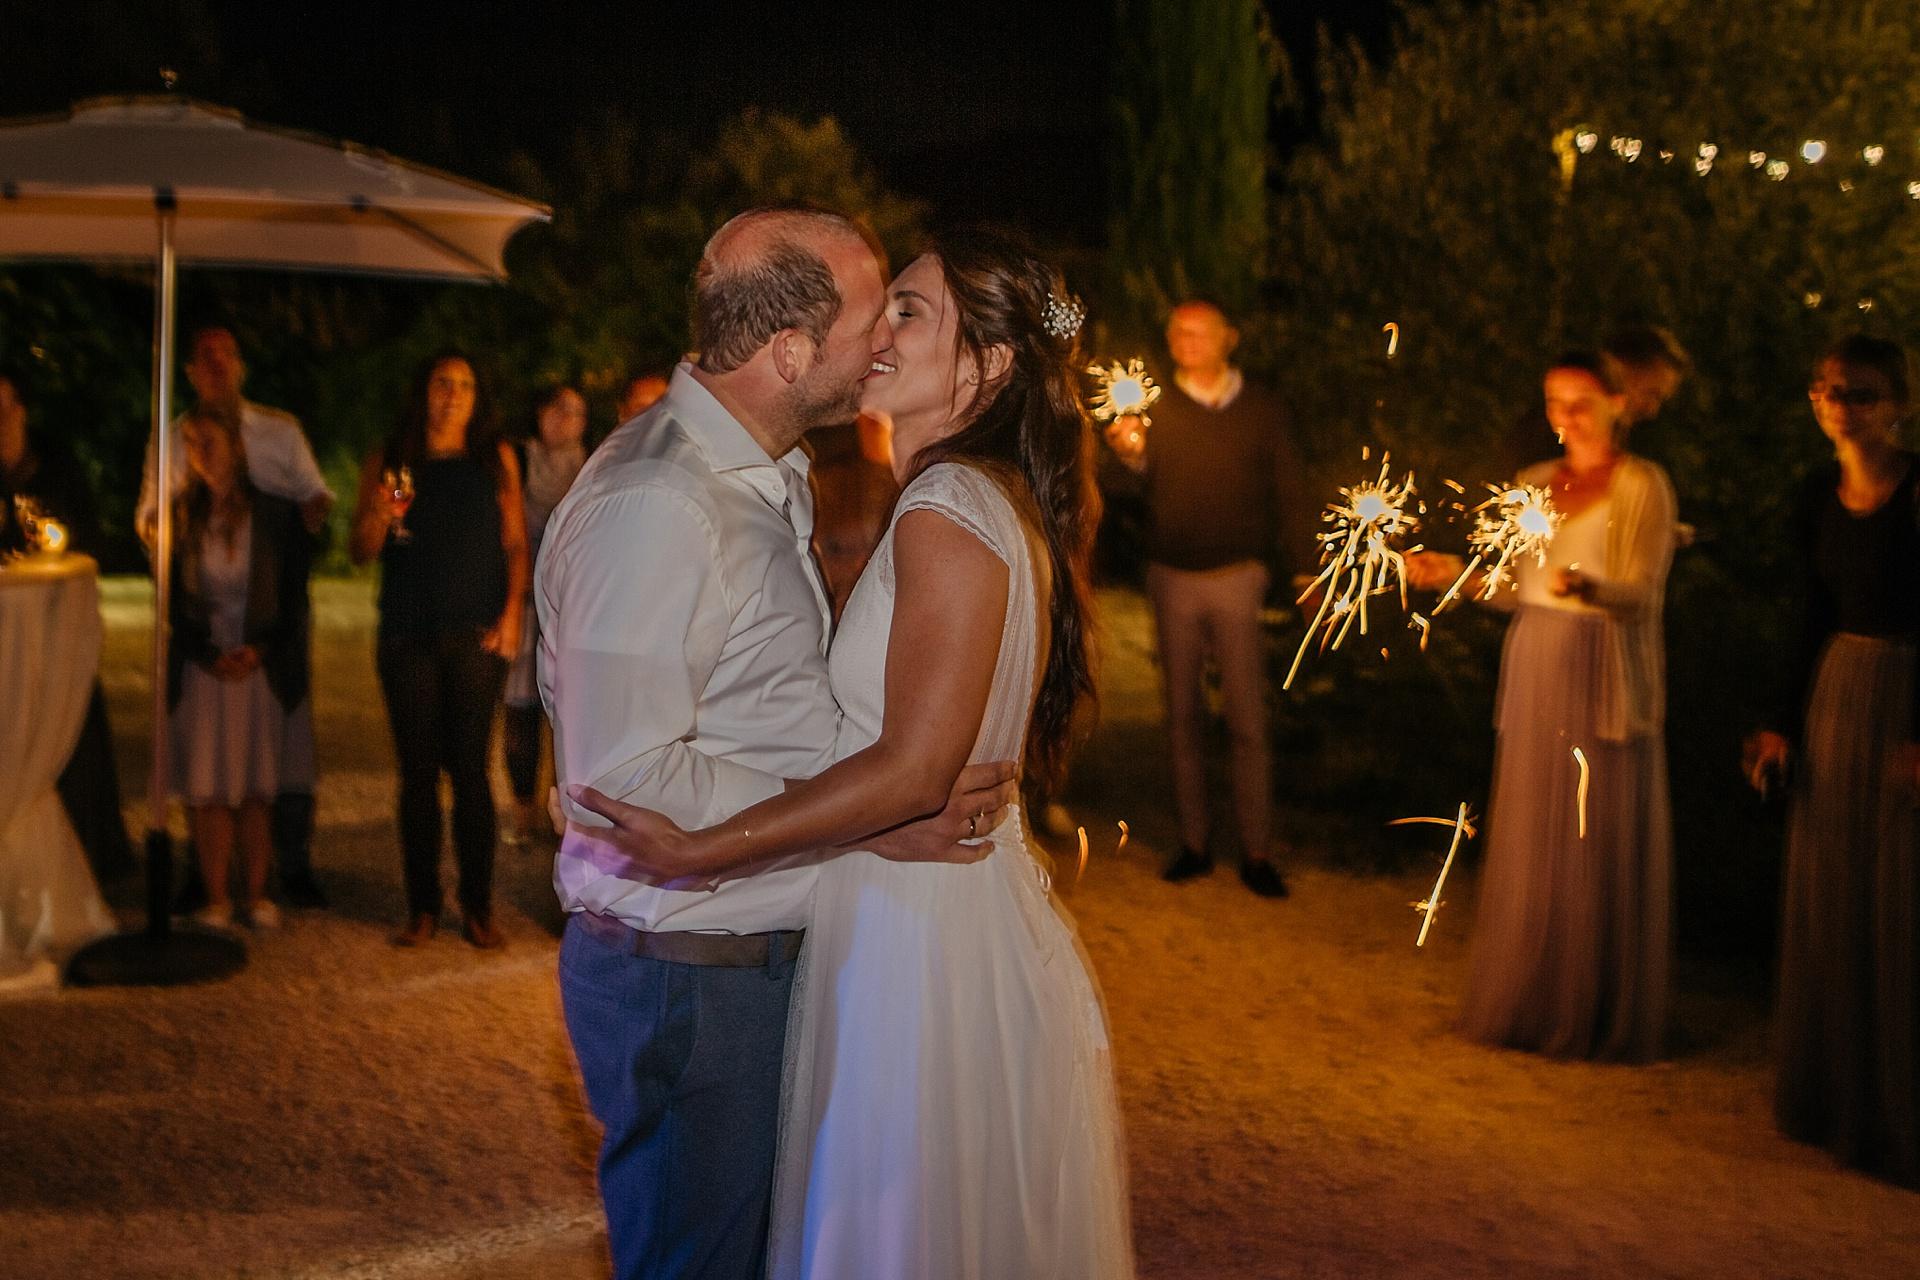 Traumhafte Hochzeit in der Provence. Der Tanz des Brautpaares.